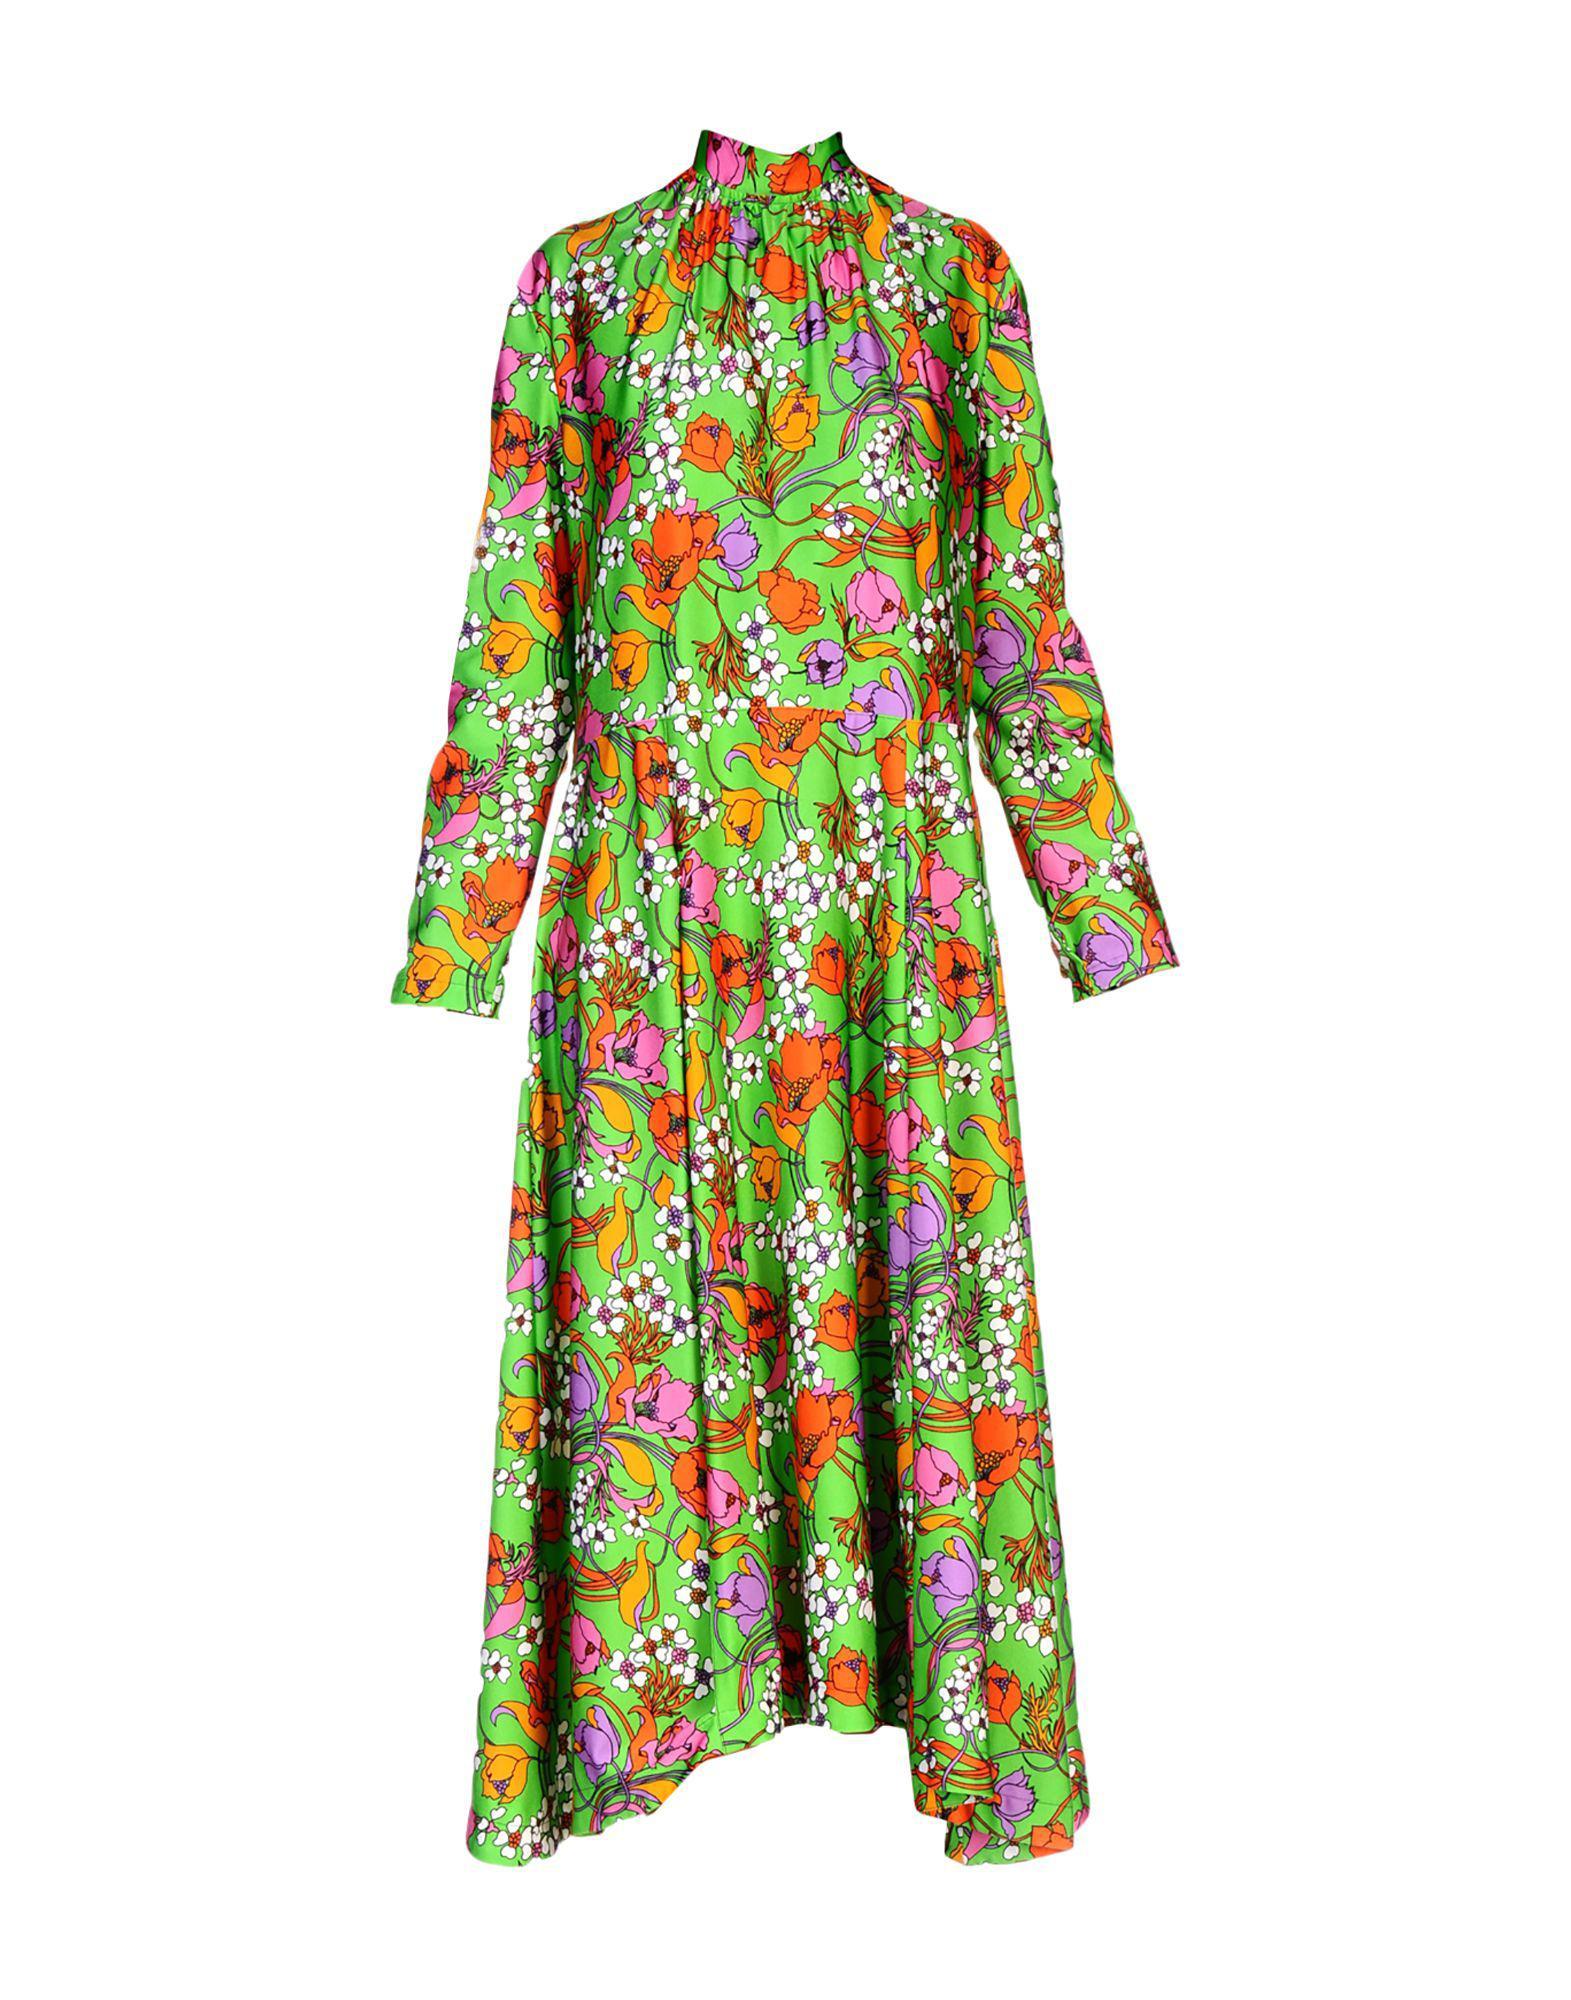 2bd045ff6df4 Balenciaga -  strangled  Floral Print Dress - Women - Polyamide ...